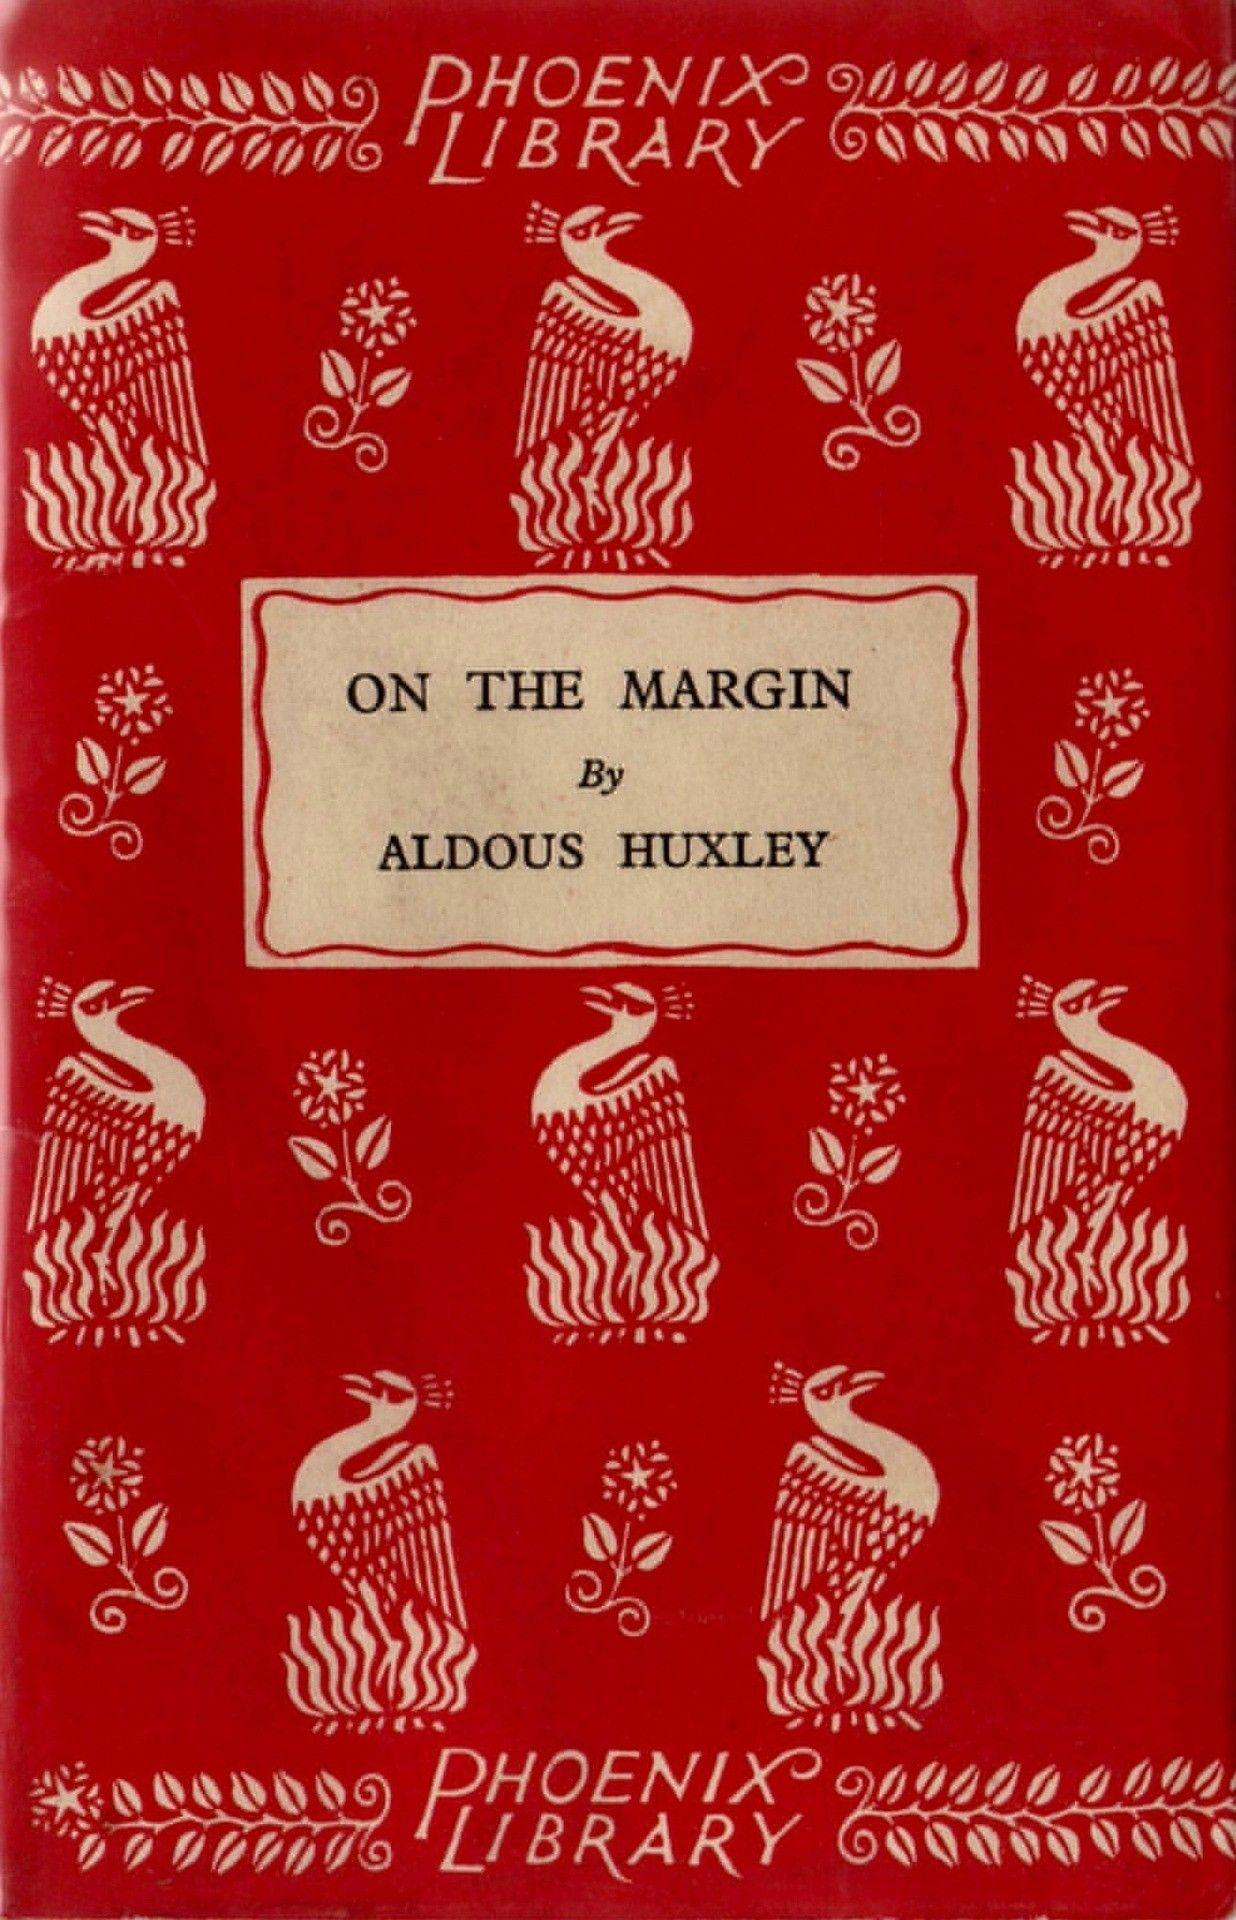 Vintagebookcover Patterns Aldoushuxley Vintage Book Covers Book Design Vintage Book Cover